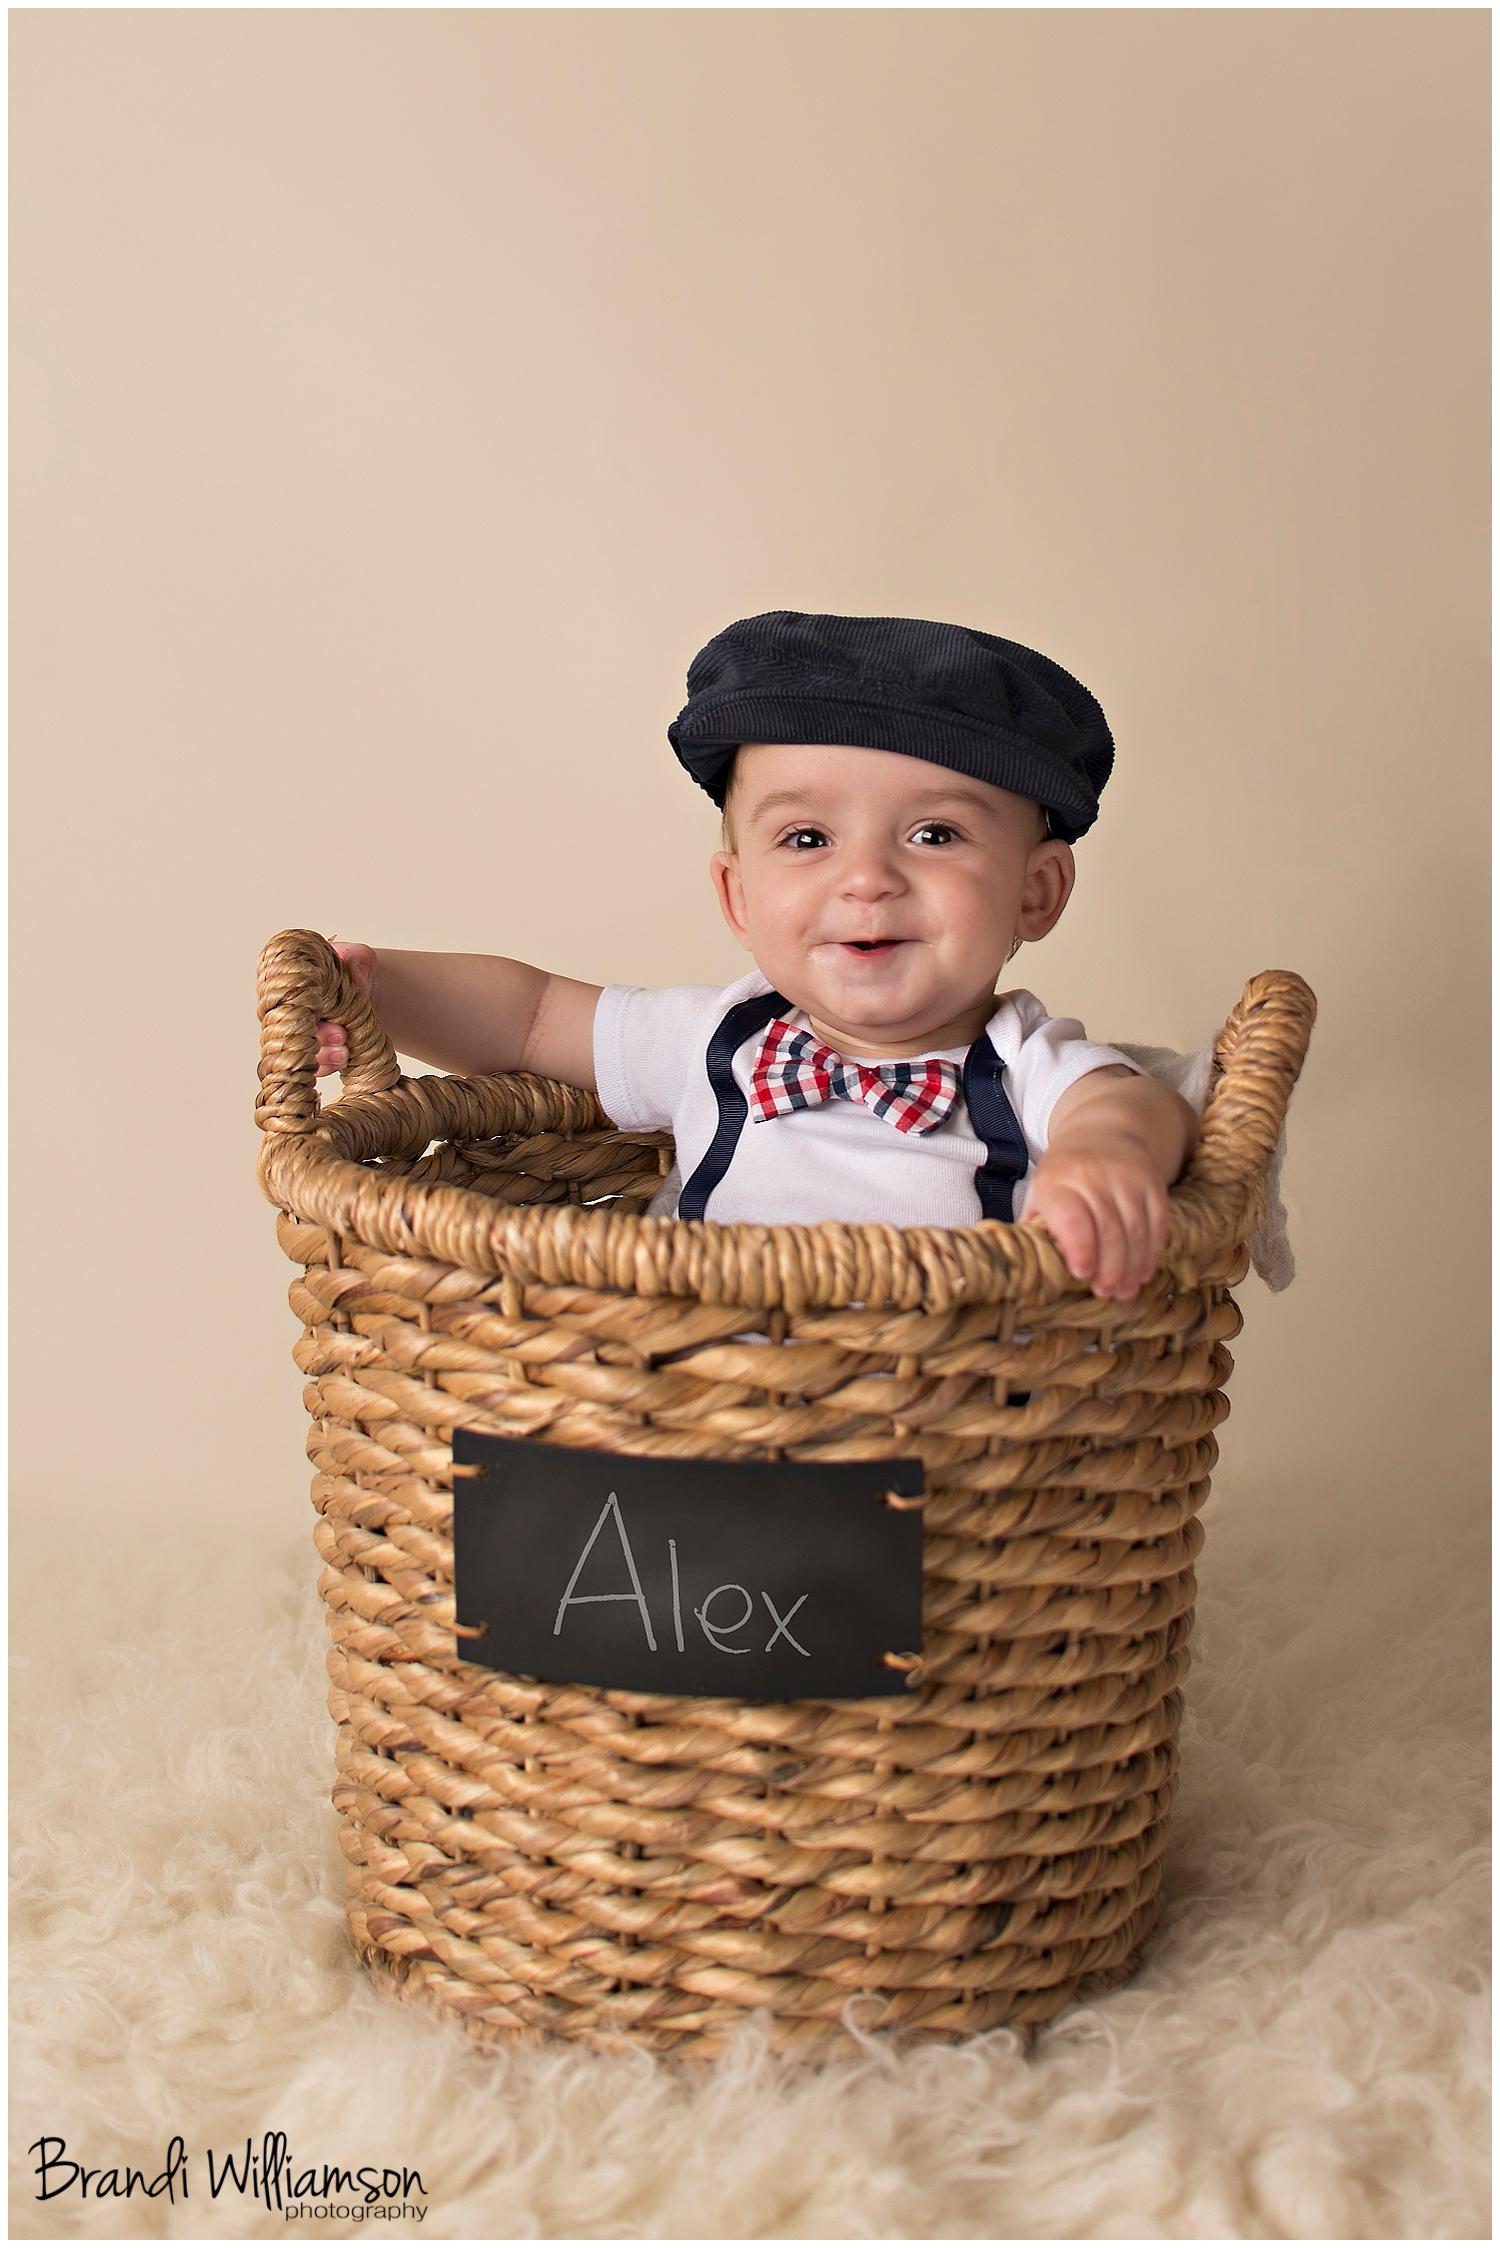 Dover, New Philadelphia OH baby photographer |Alex